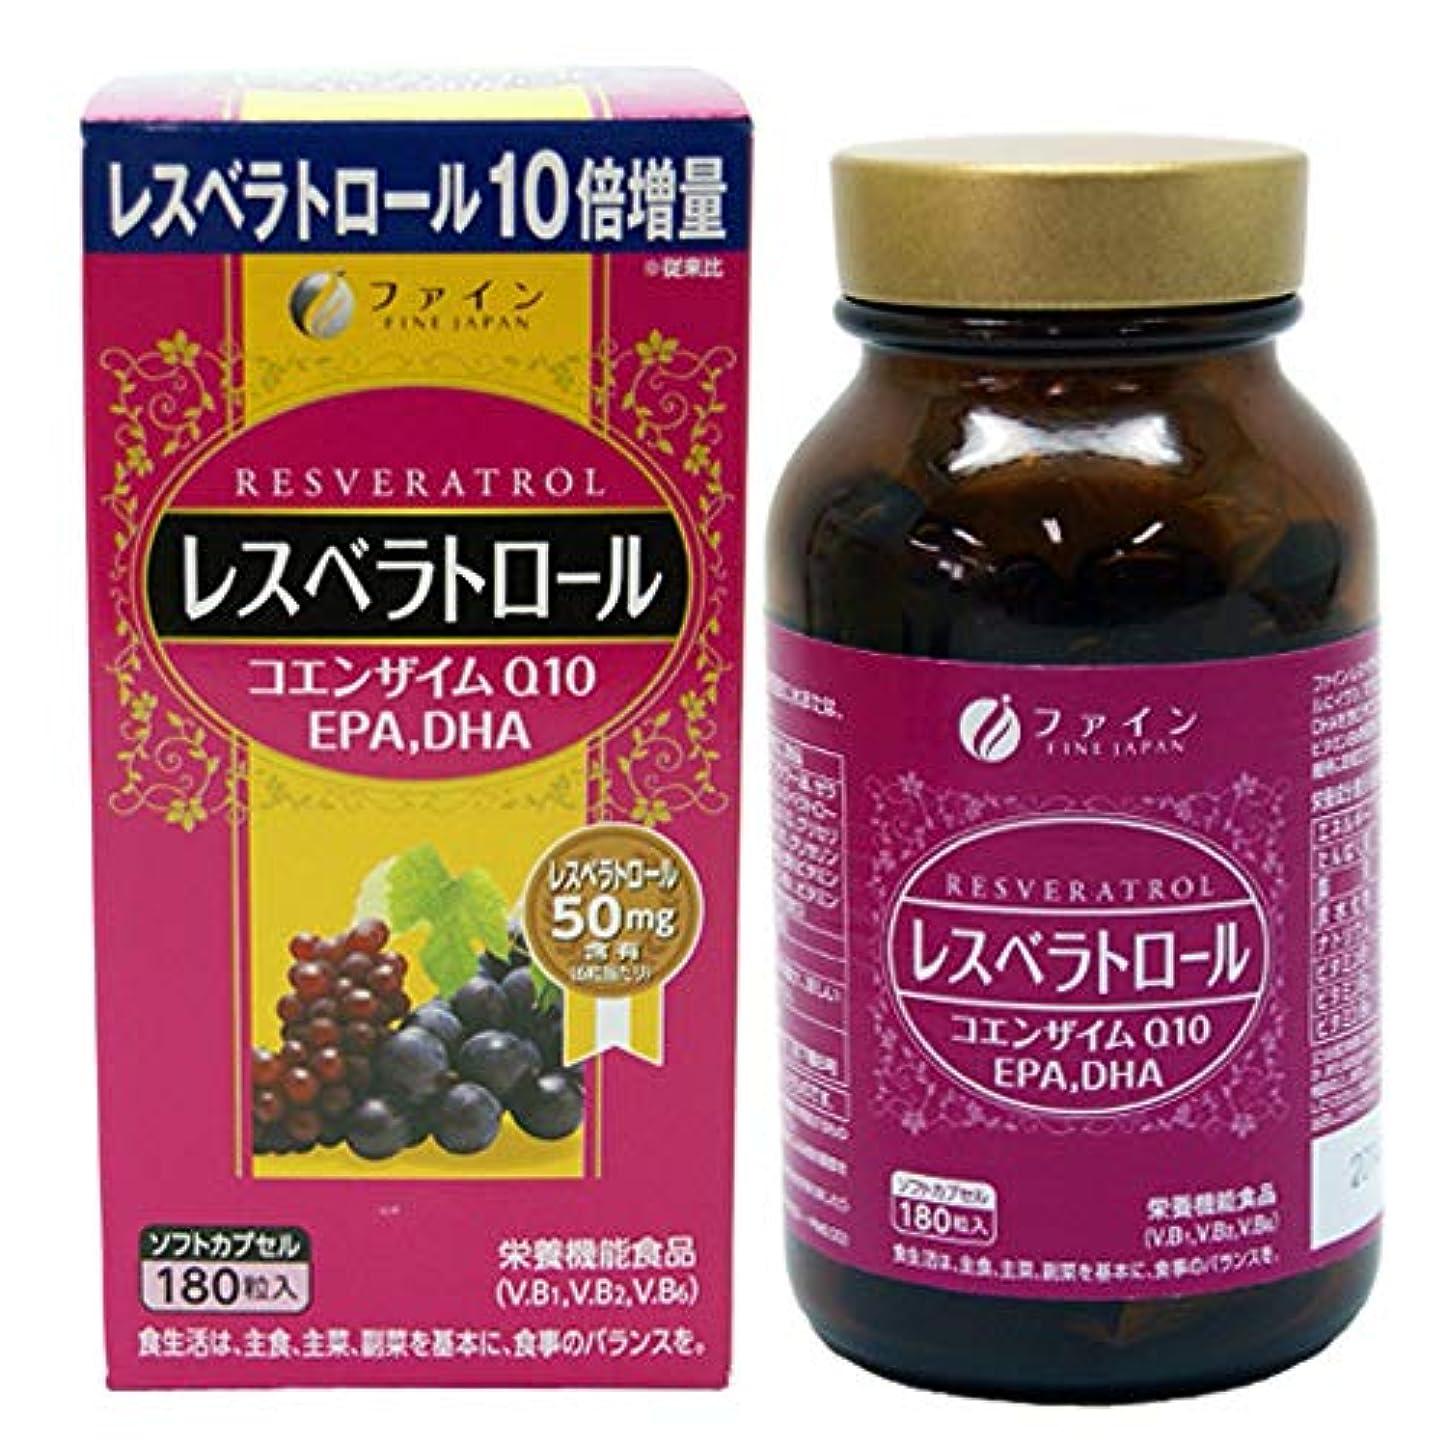 移住するディスカウントハードリングファイン レスベラトロール 30日分(180粒入) EPA DHA コエンザイムQ10 ビタミンB1 配合